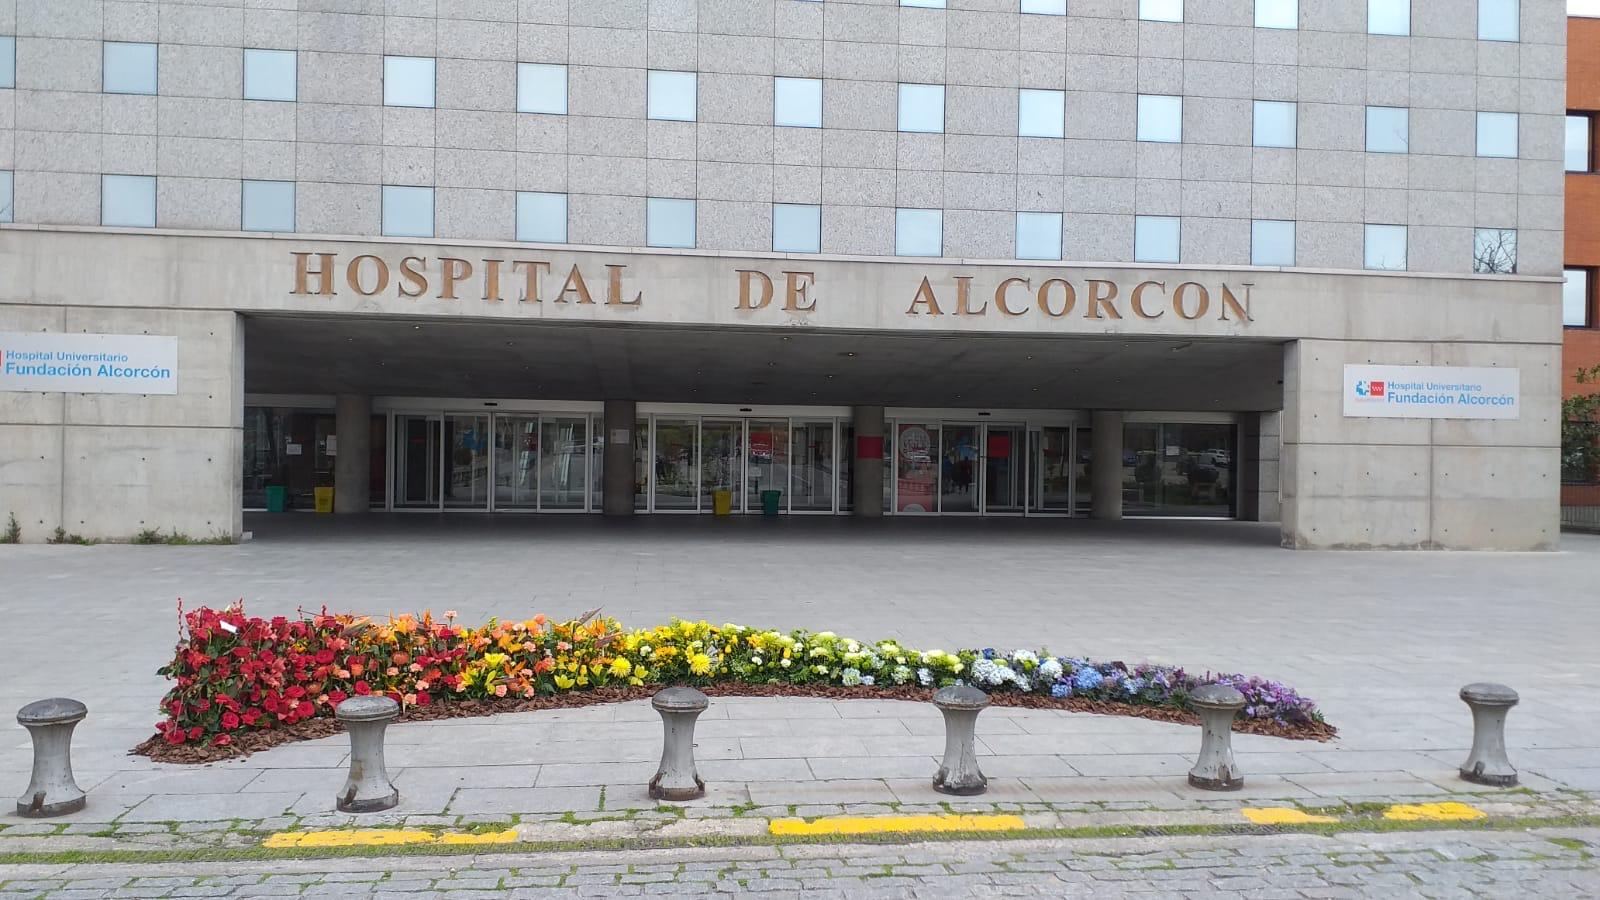 Hospital alcorcón